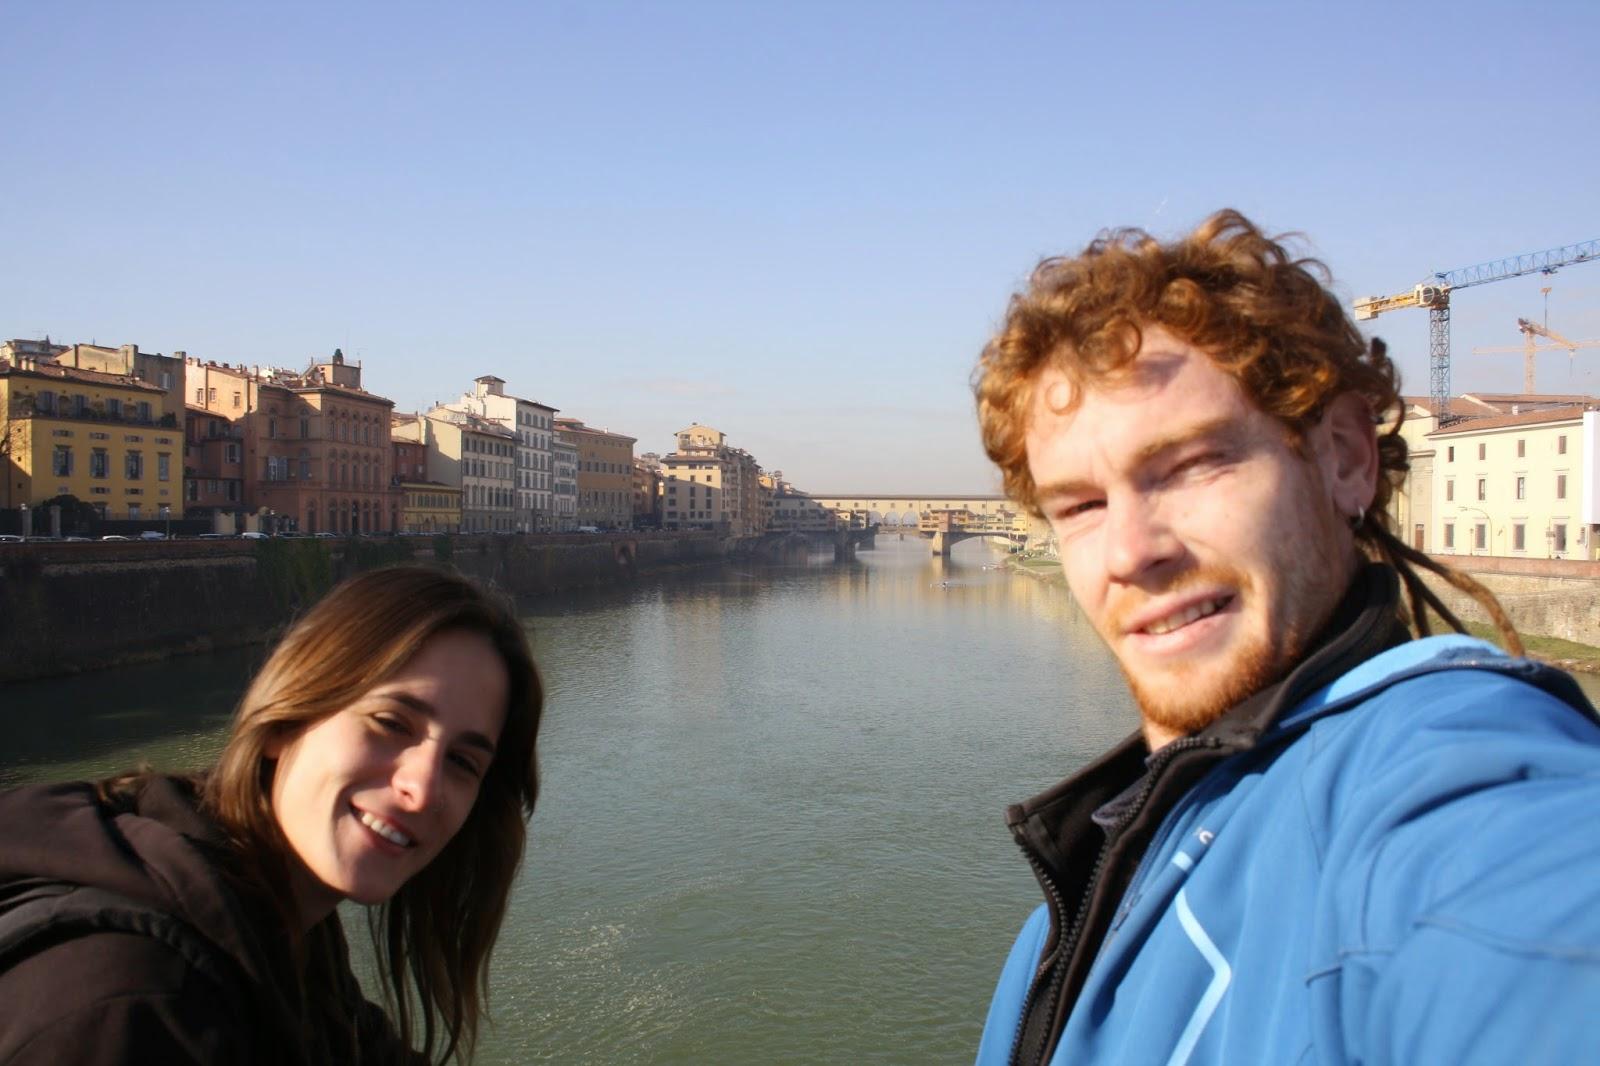 Dondevayaelsol en uno de los puentes sobre el rio Arno en Florencia